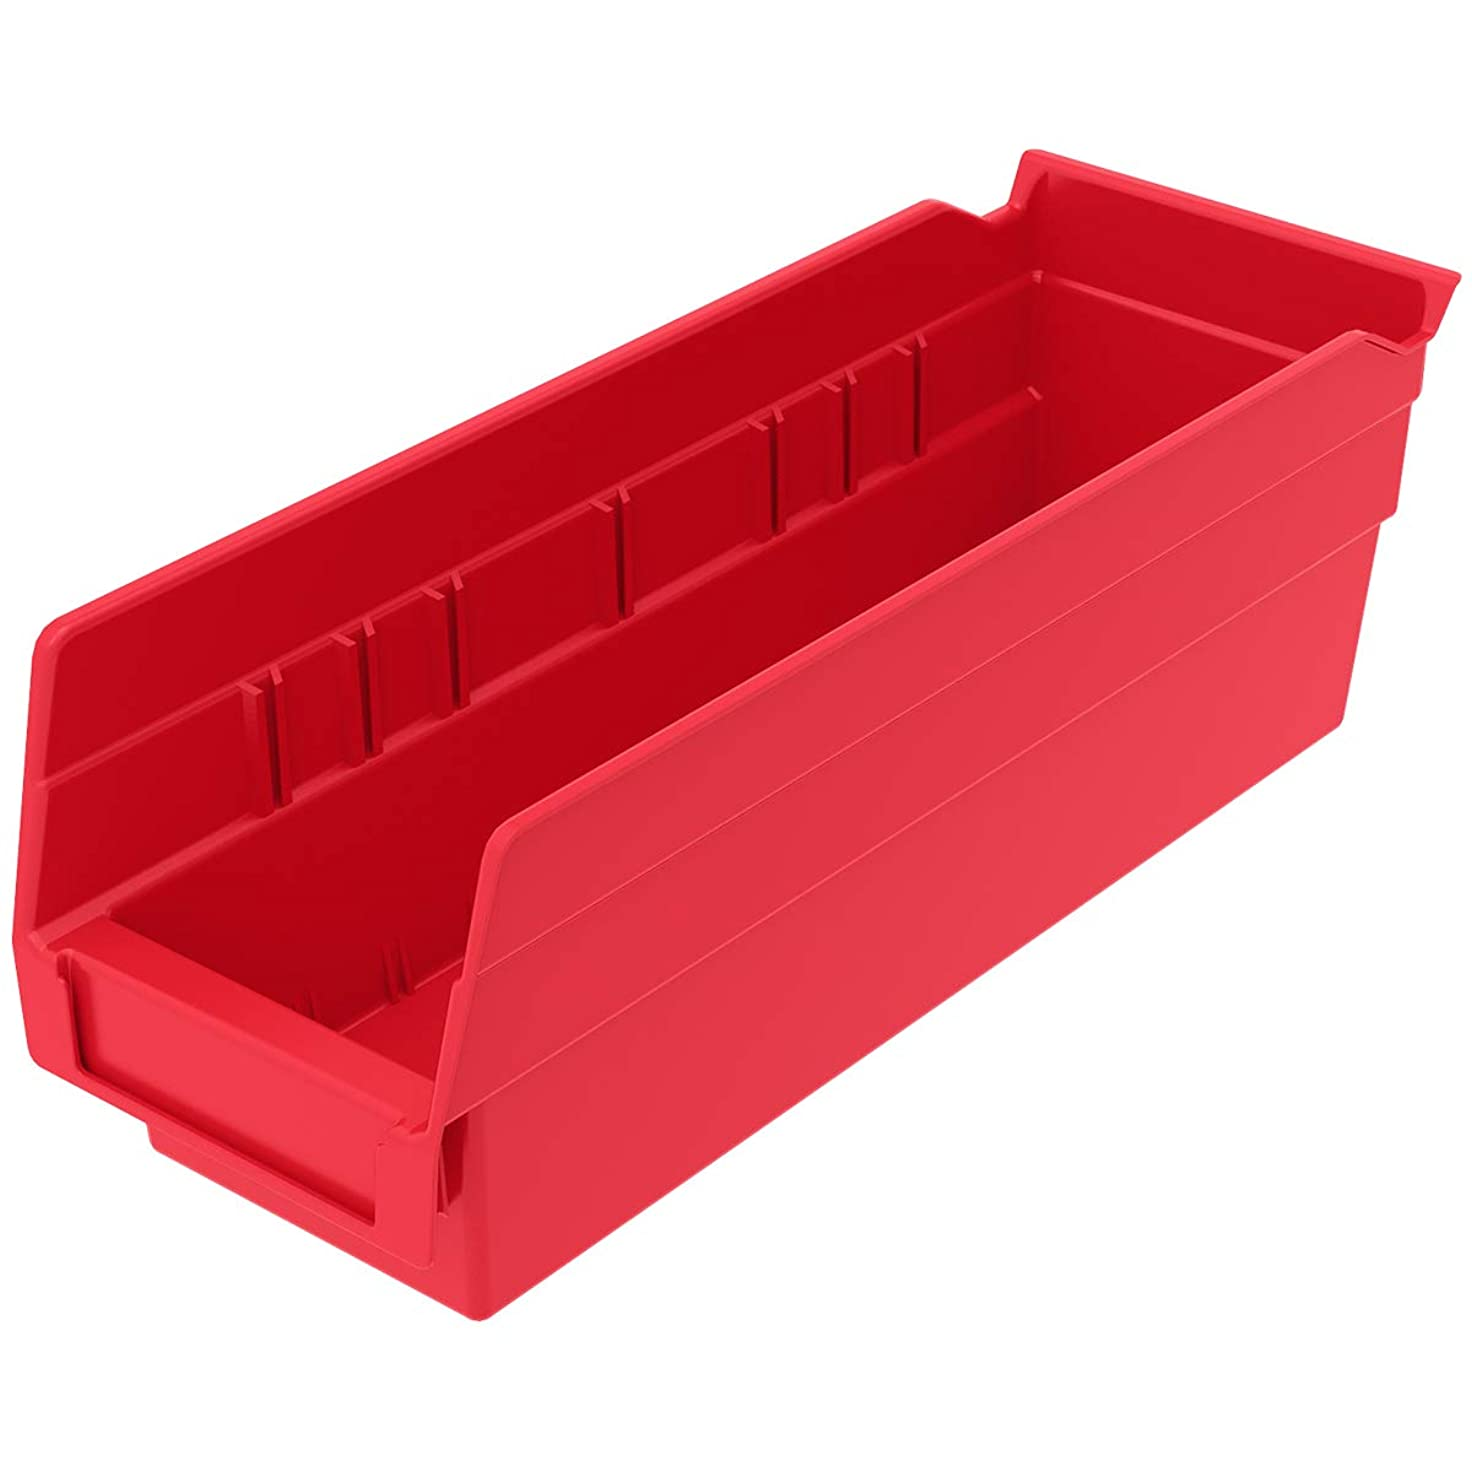 必要熟す軽量akro-mils 30120?12-inch by 4-inch by 4インチクリアプラスチックネストシェルフBinボックス、24パック